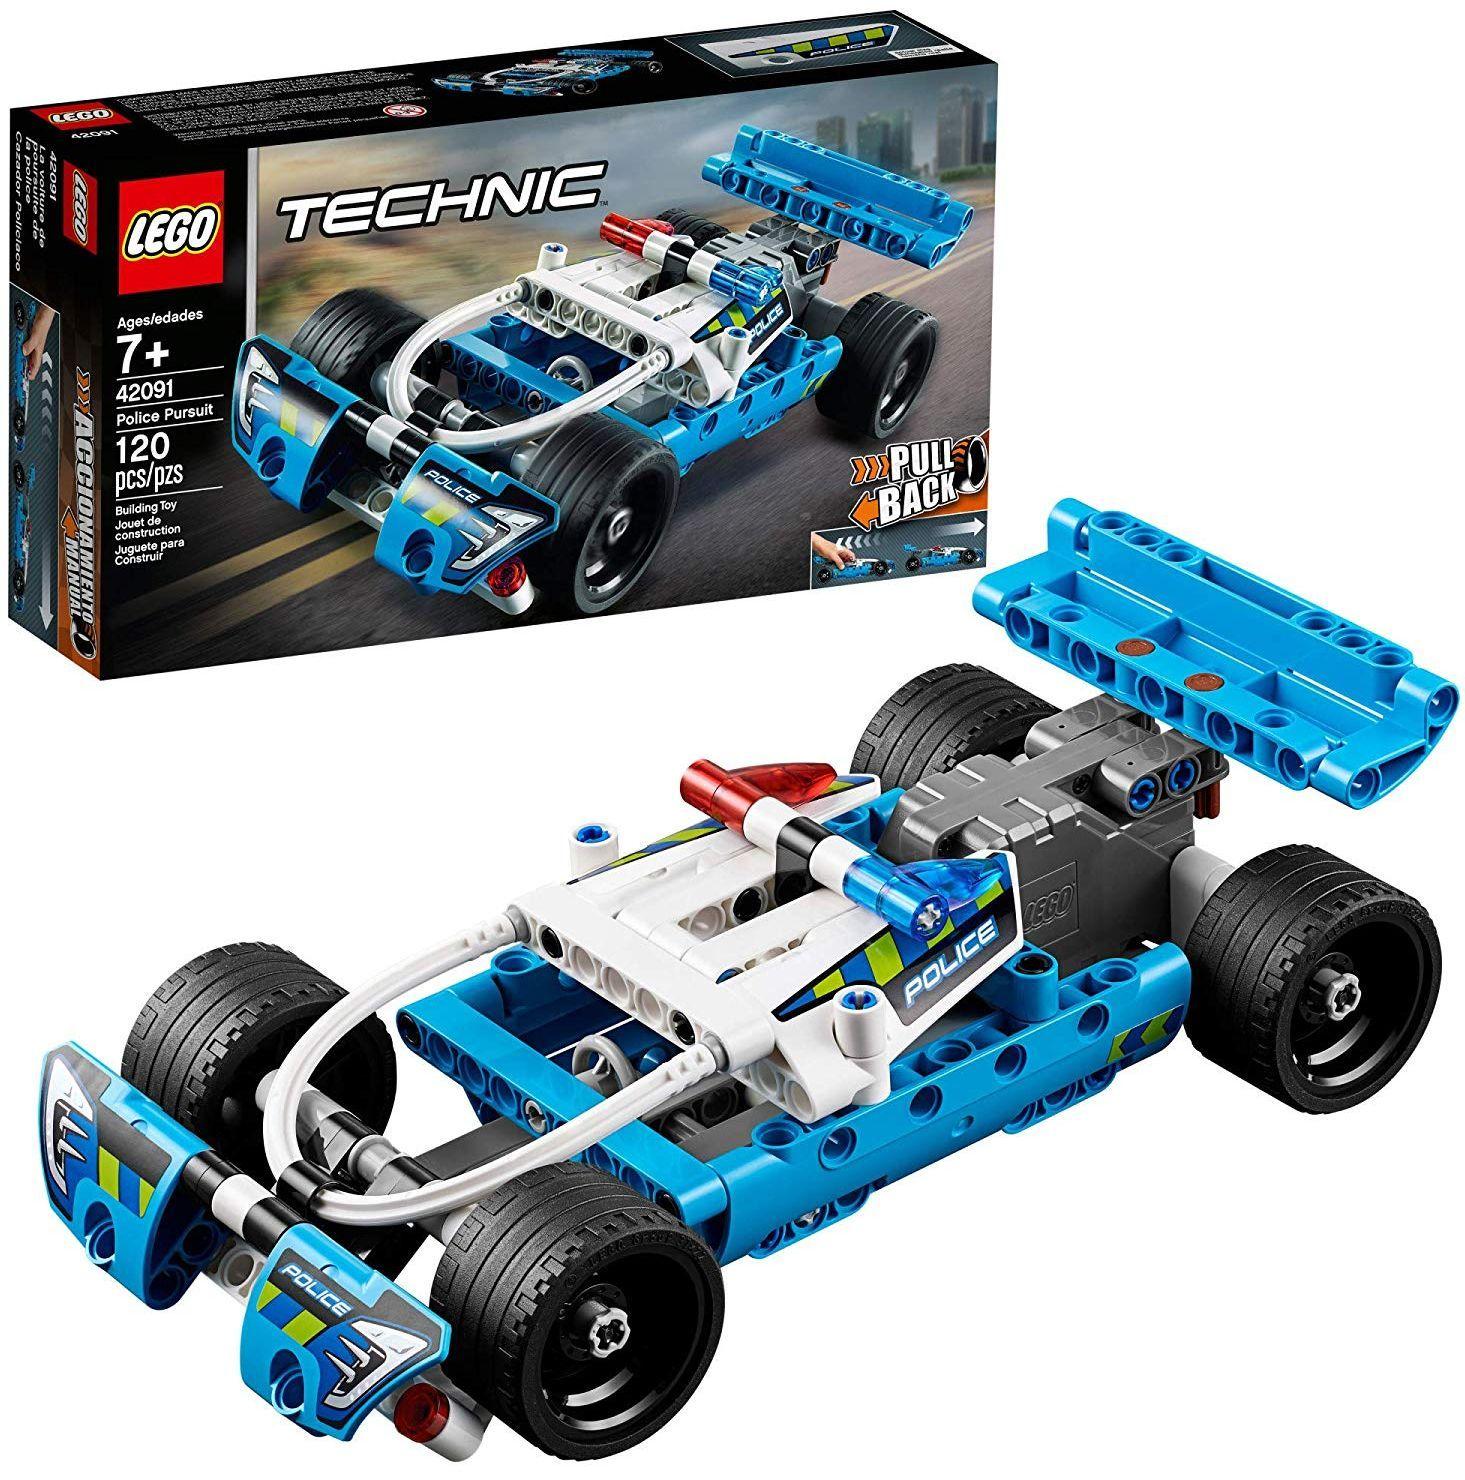 Конструктор Lego Technic - Полицейско преследване (42091) - 1